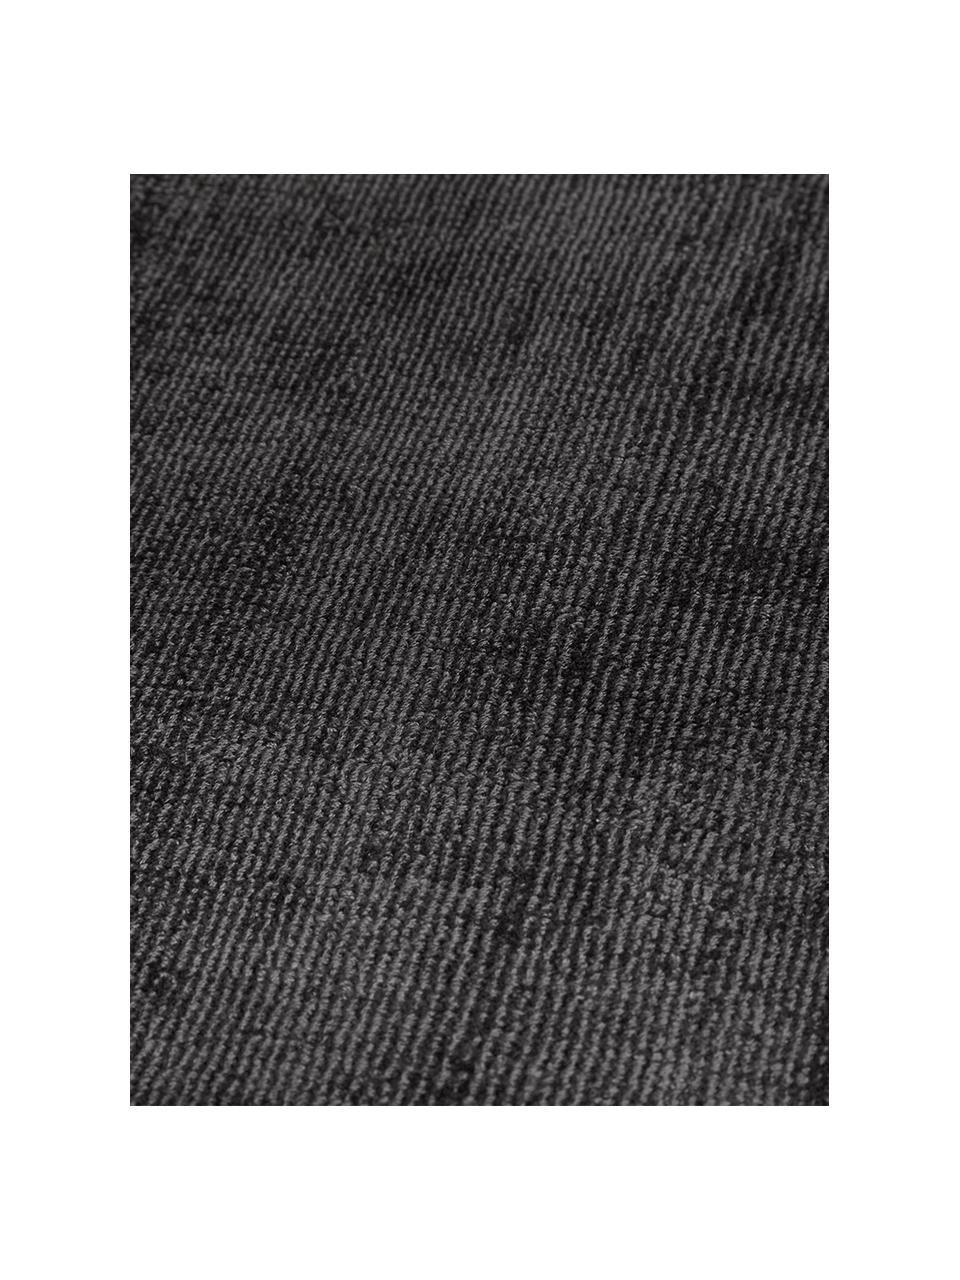 Handgewebter Viskoseteppich Jane in Anthrazit-Schwarz, Flor: 100% Viskose, Anthrazit-Schwarz, B 160 x L 230 cm (Größe M)